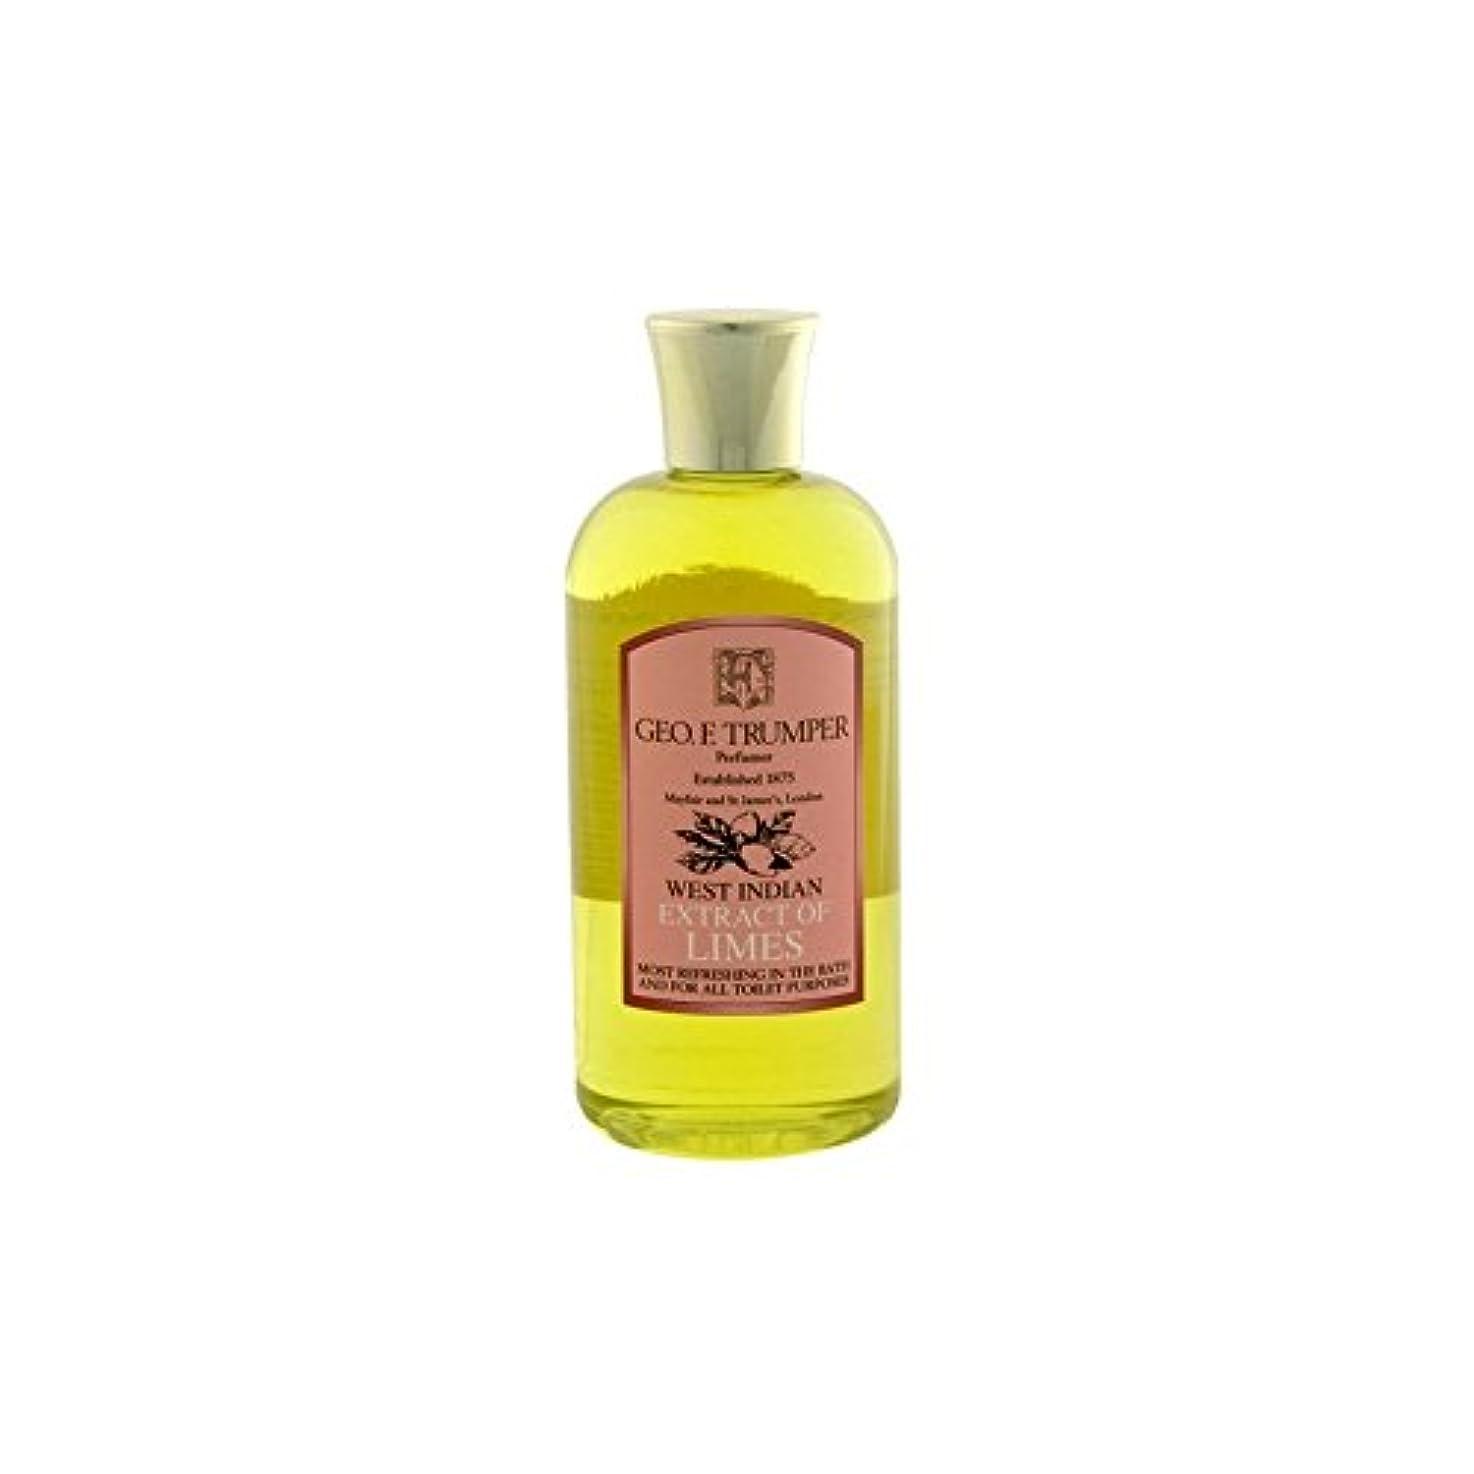 最も遠いモデレータ賢明なライムのバス&シャワージェル - 500ミリリットル旅 x4 - Trumpers Limes Bath & Shower Gel - 500ml Travel (Pack of 4) [並行輸入品]